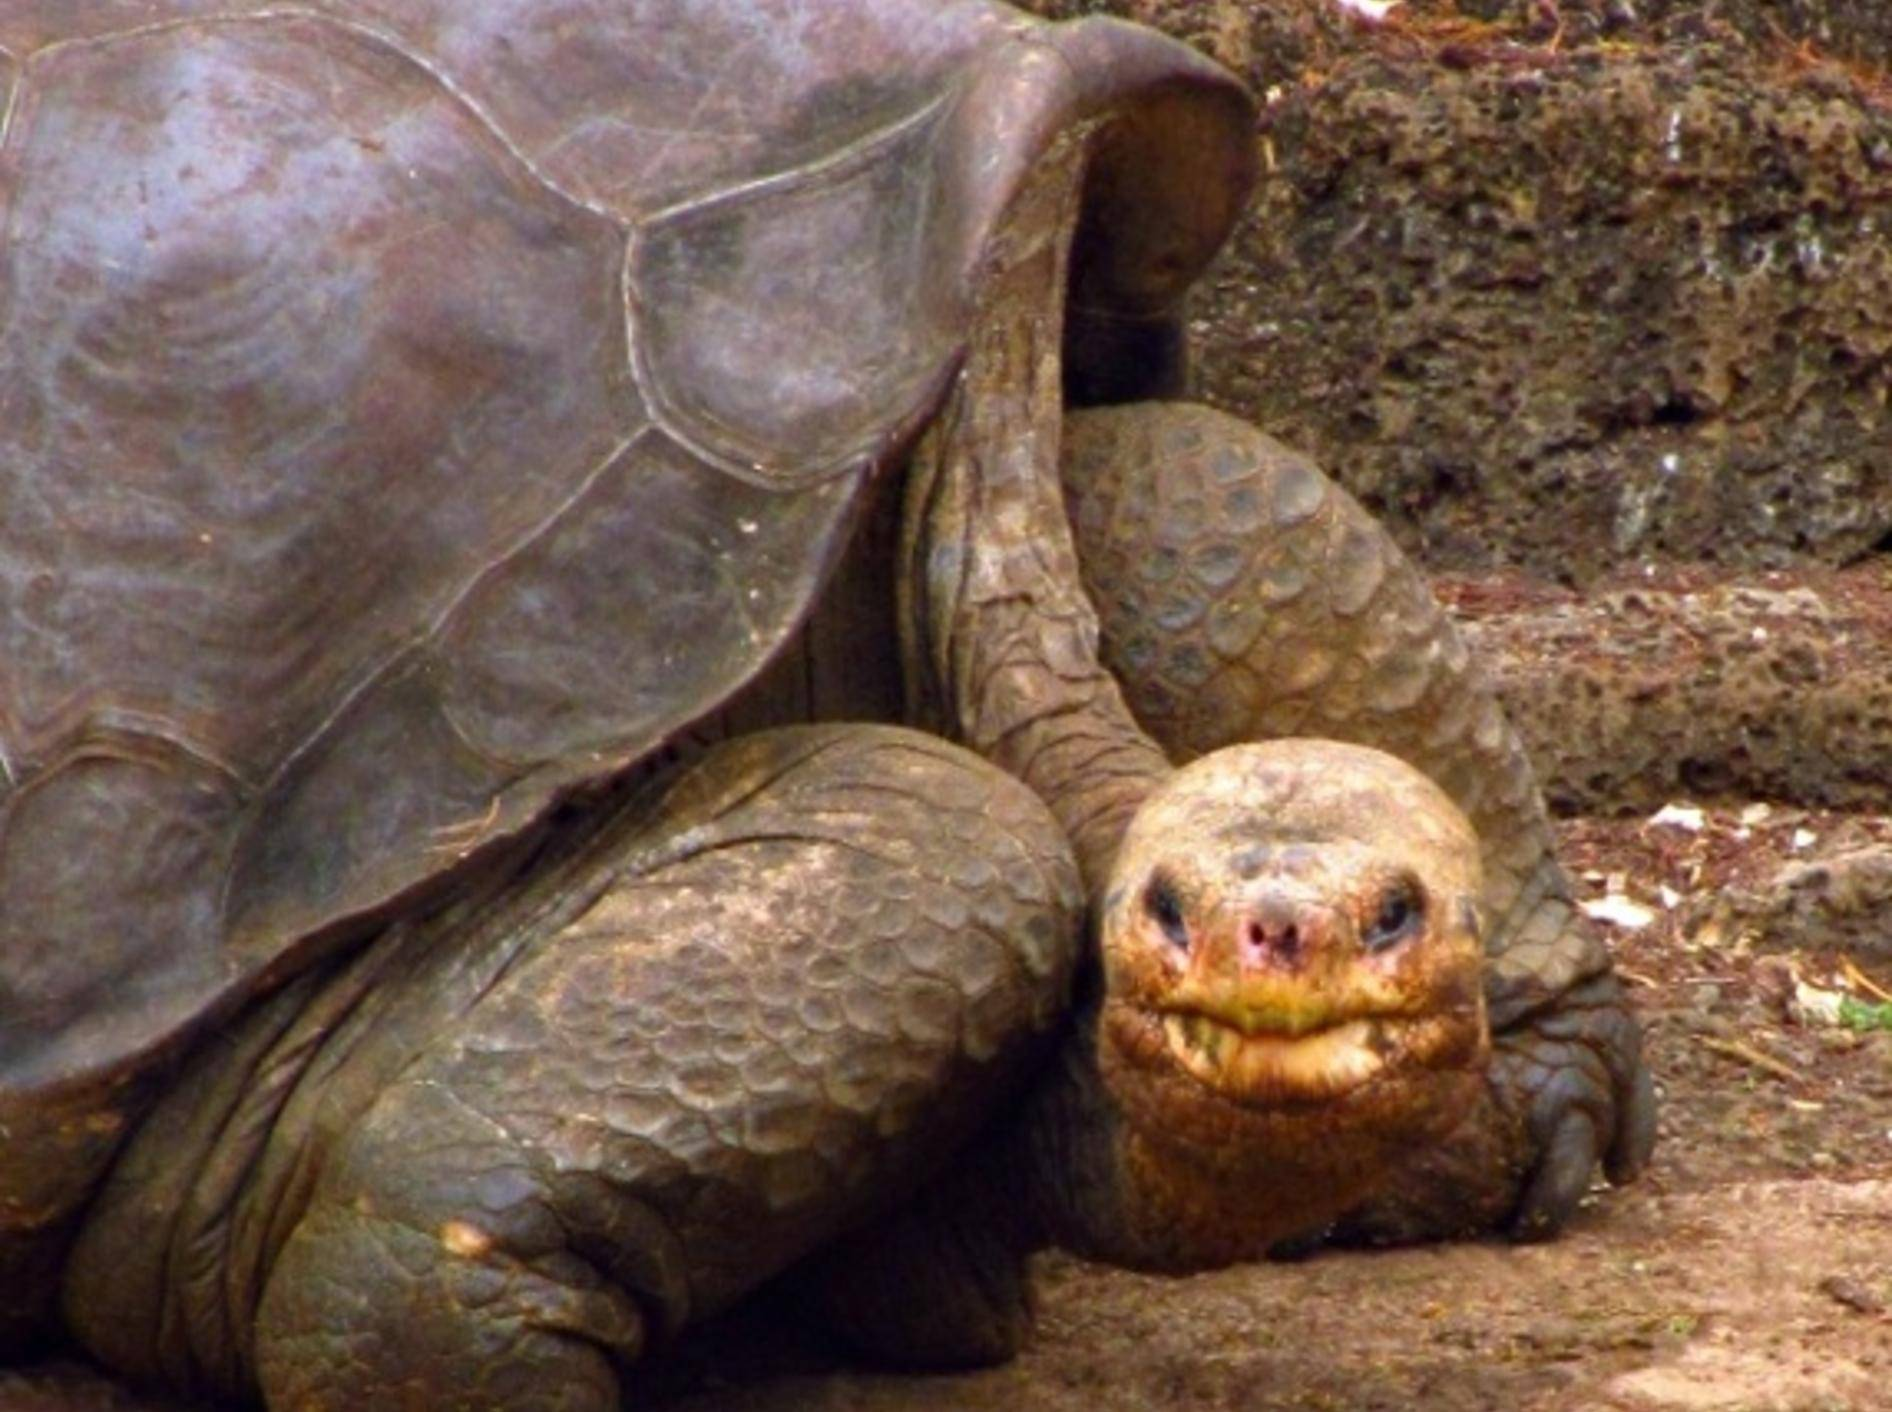 Riesenschildkröte Lonesome George war nicht die letzte ihrer Art